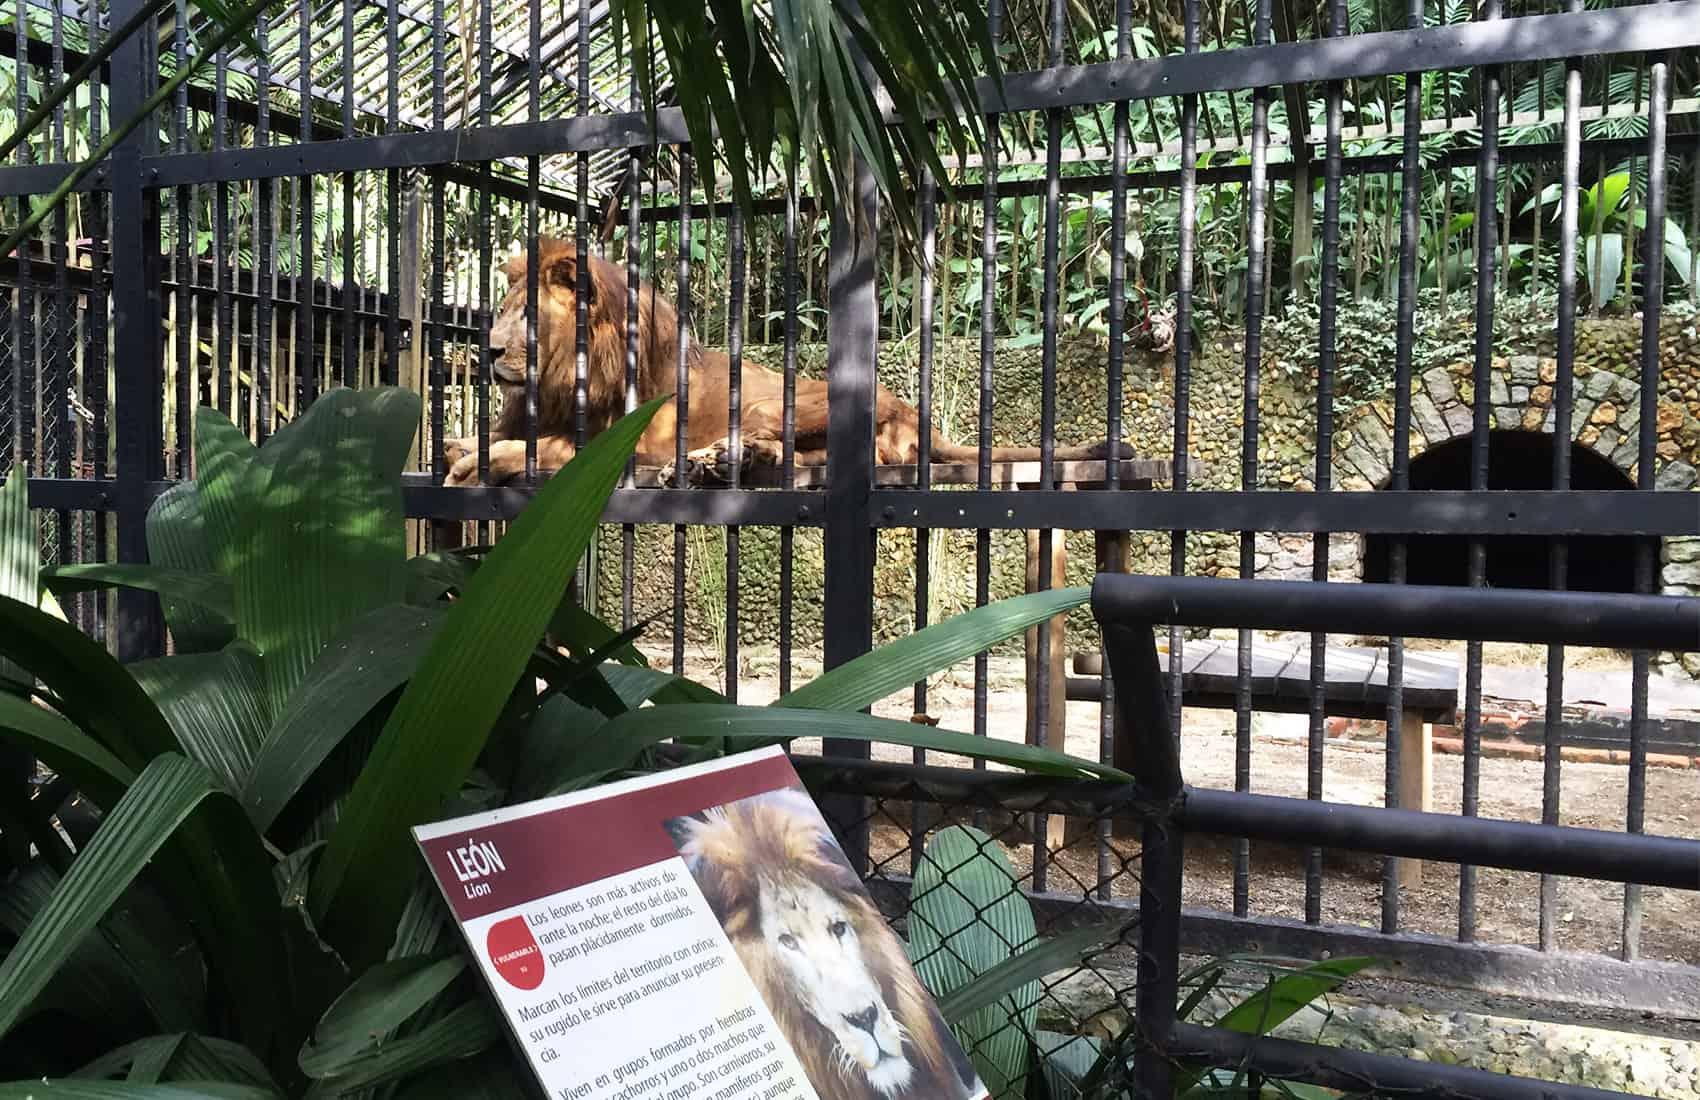 Kivú the lion at Simón Bolívar Zoo in San José, Costa Rica.